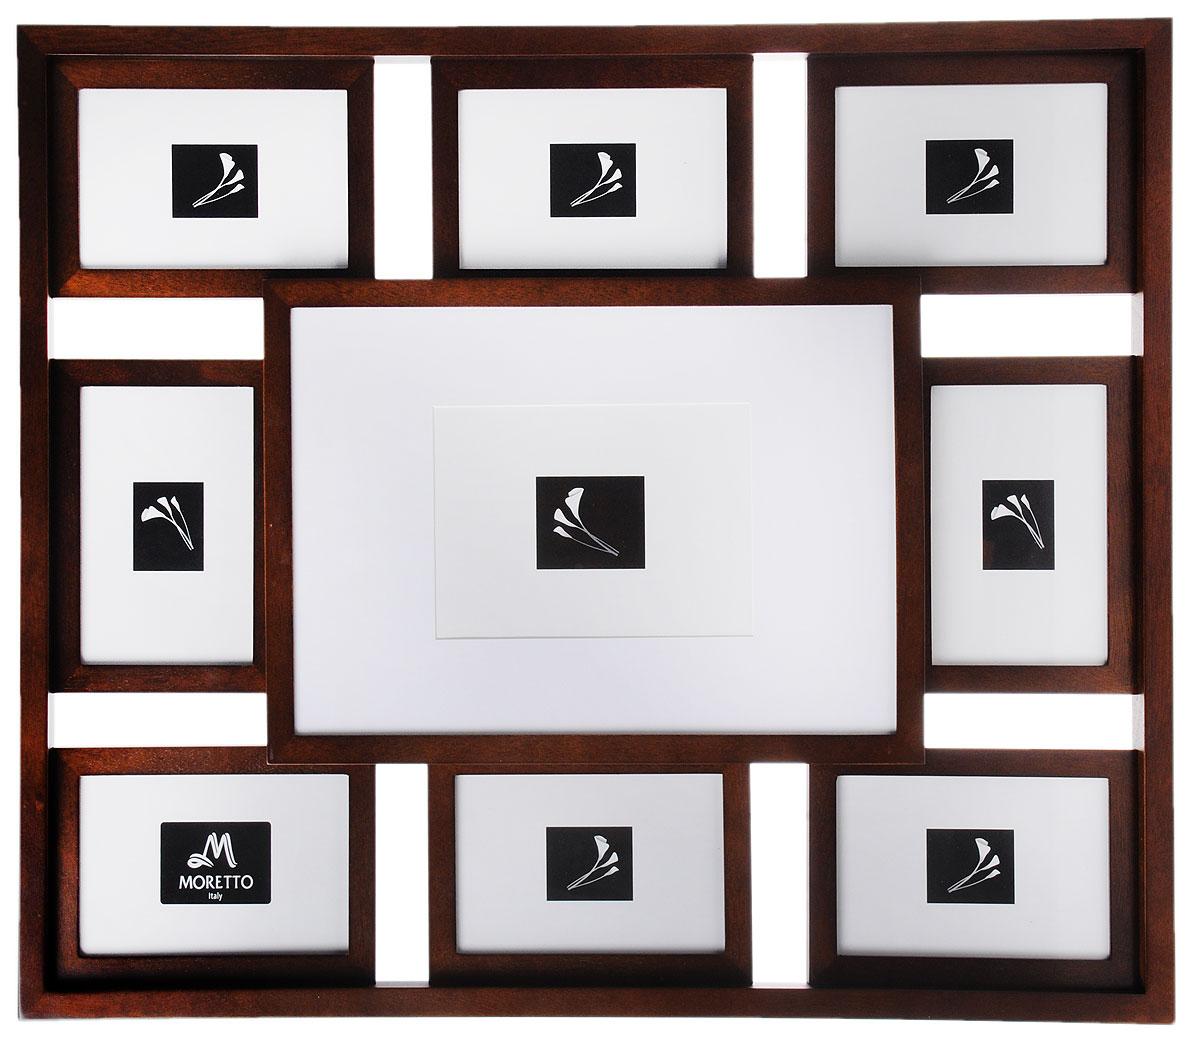 Фоторамка Moretto, на 9 фото238009Фоторамка Moretto отлично дополнит интерьер помещения и поможет сохранить на память ваши любимые фотографии. Фоторамка выполнена из дерева и представляет собой коллаж из 9 рамочек с вертикальным и горизонтальным расположением фотографий. Изделие подвешивается к стене. Такая рамка позволит сохранить на память изображения дорогих вам людей и интересных событий вашей жизни, а также станет приятным подарком для каждого. Размер рамок: - 8 фоторамок 17 х 12 см для фото 10 х 15 см, - 1 фоторамка 35 х 25 см для фото 21,6 х 31,1яысм, - 2 фоторамки 39 х 17 см для двух фото 10 х 15 см. Общий размер фоторамки: 60,5 х 51 см.